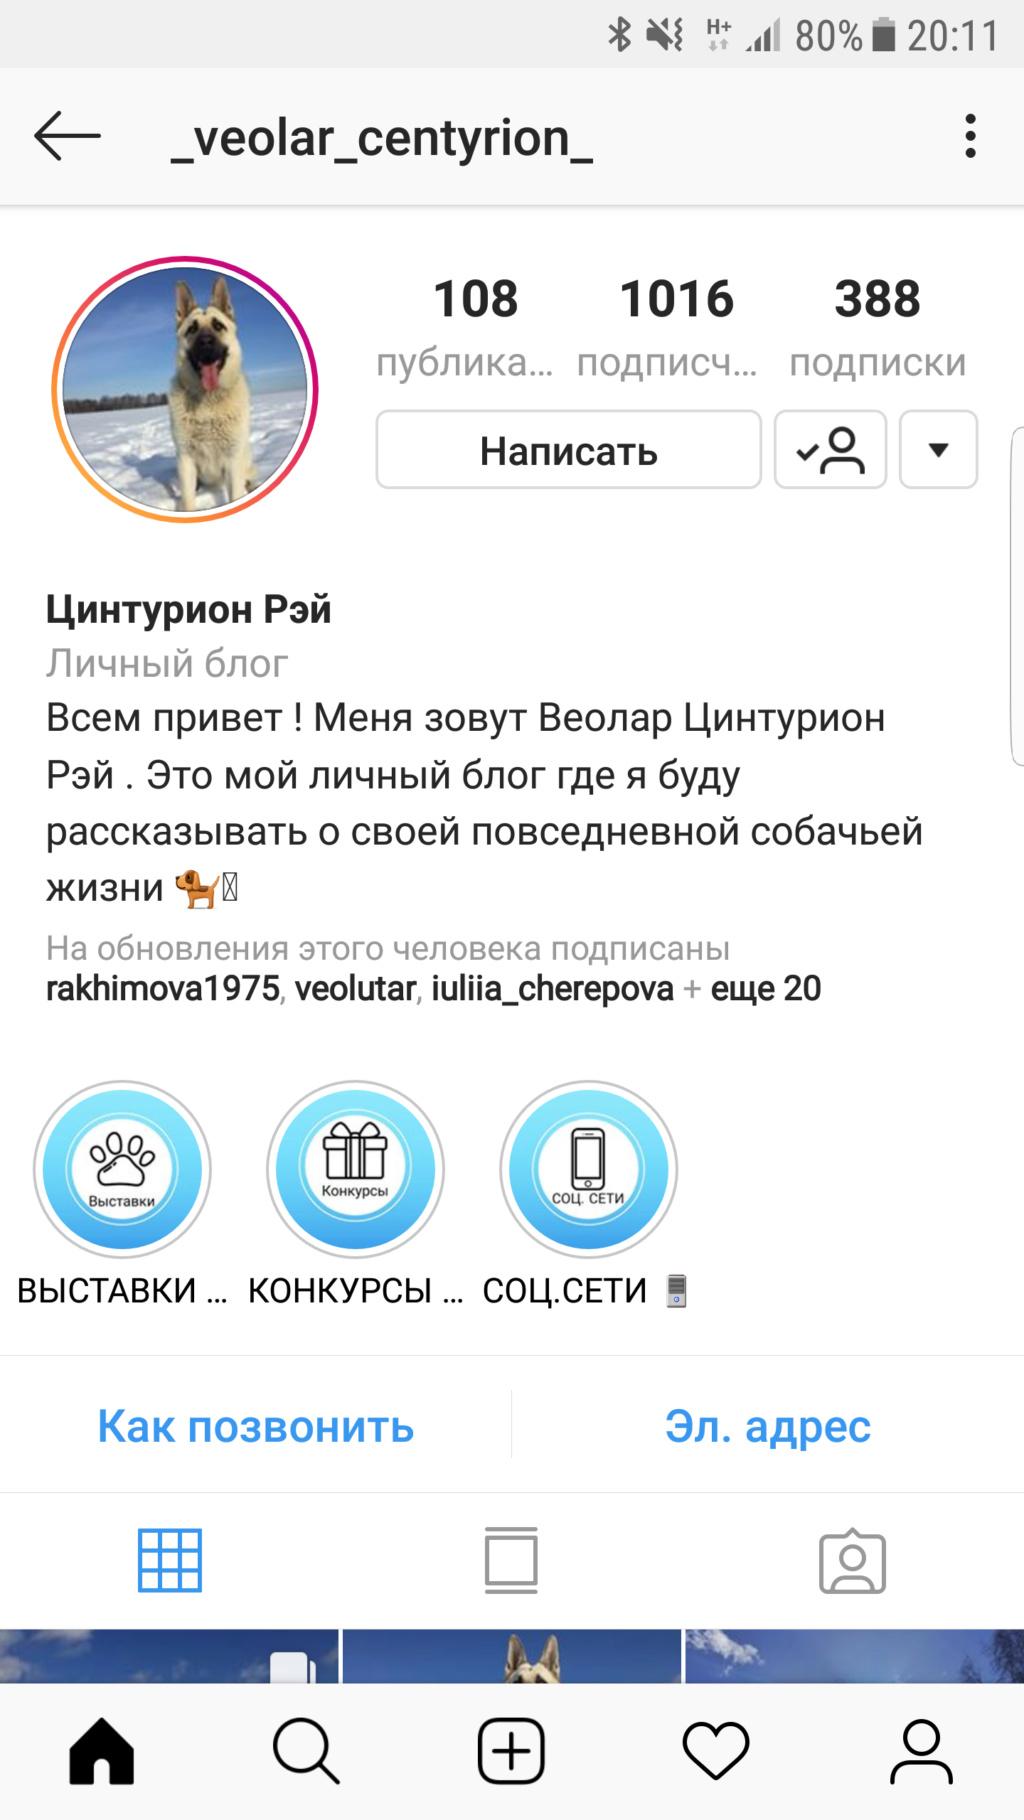 ВОСТОЧНО-ЕВРОПЕЙСКАЯ ОВЧАРКА ВЕОЛАР  ЦИНТУРИОН РЭЙ - Страница 3 Screen10